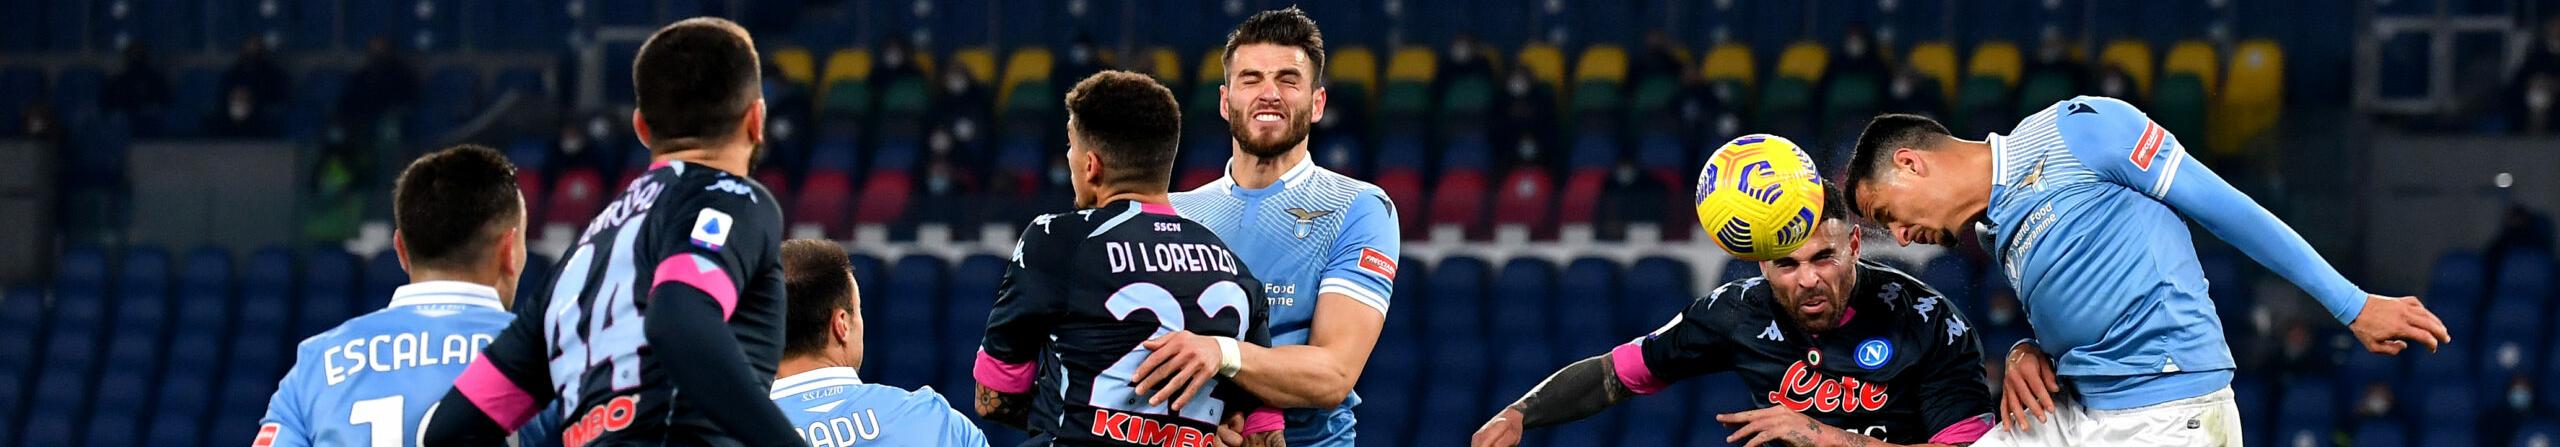 Napoli-Lazio: crocevia Champions, chi si ferma è perduto